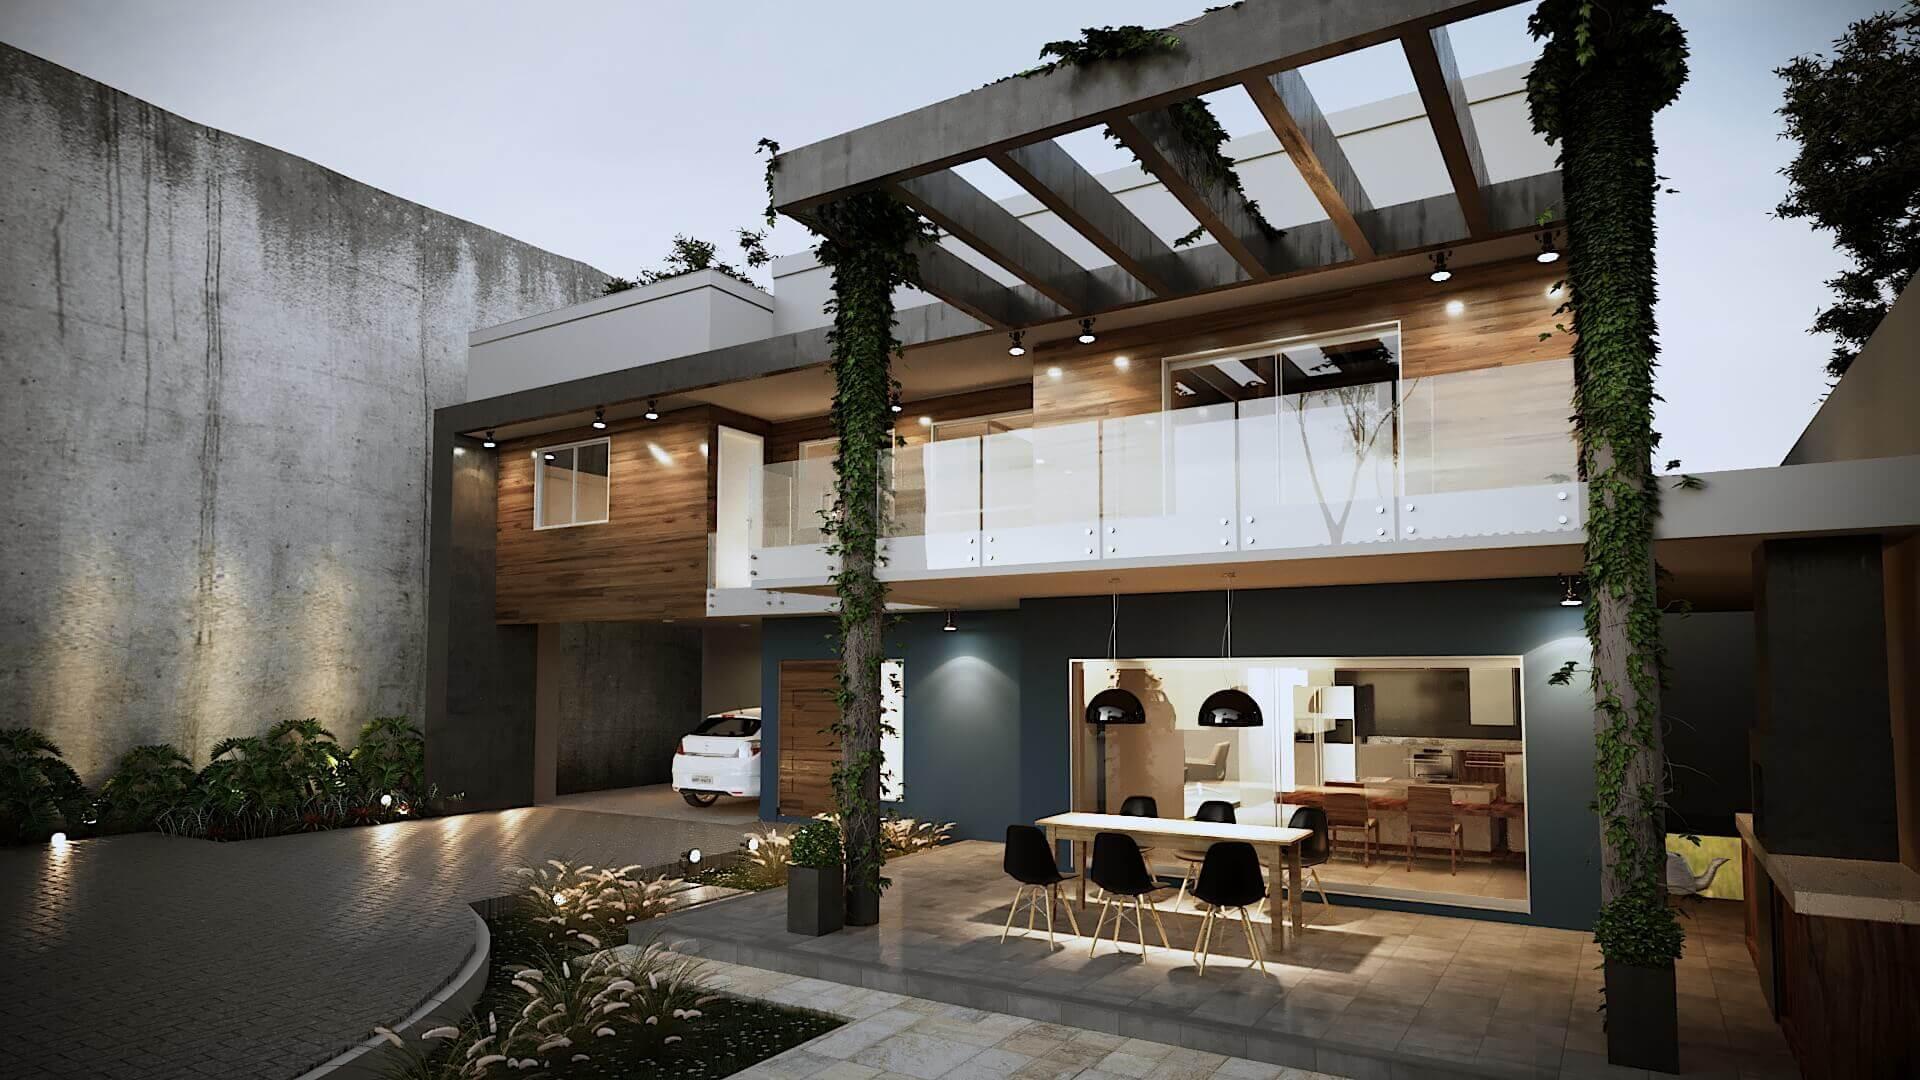 Casa Fachada modernista, pergolado concreto, trepadeiras